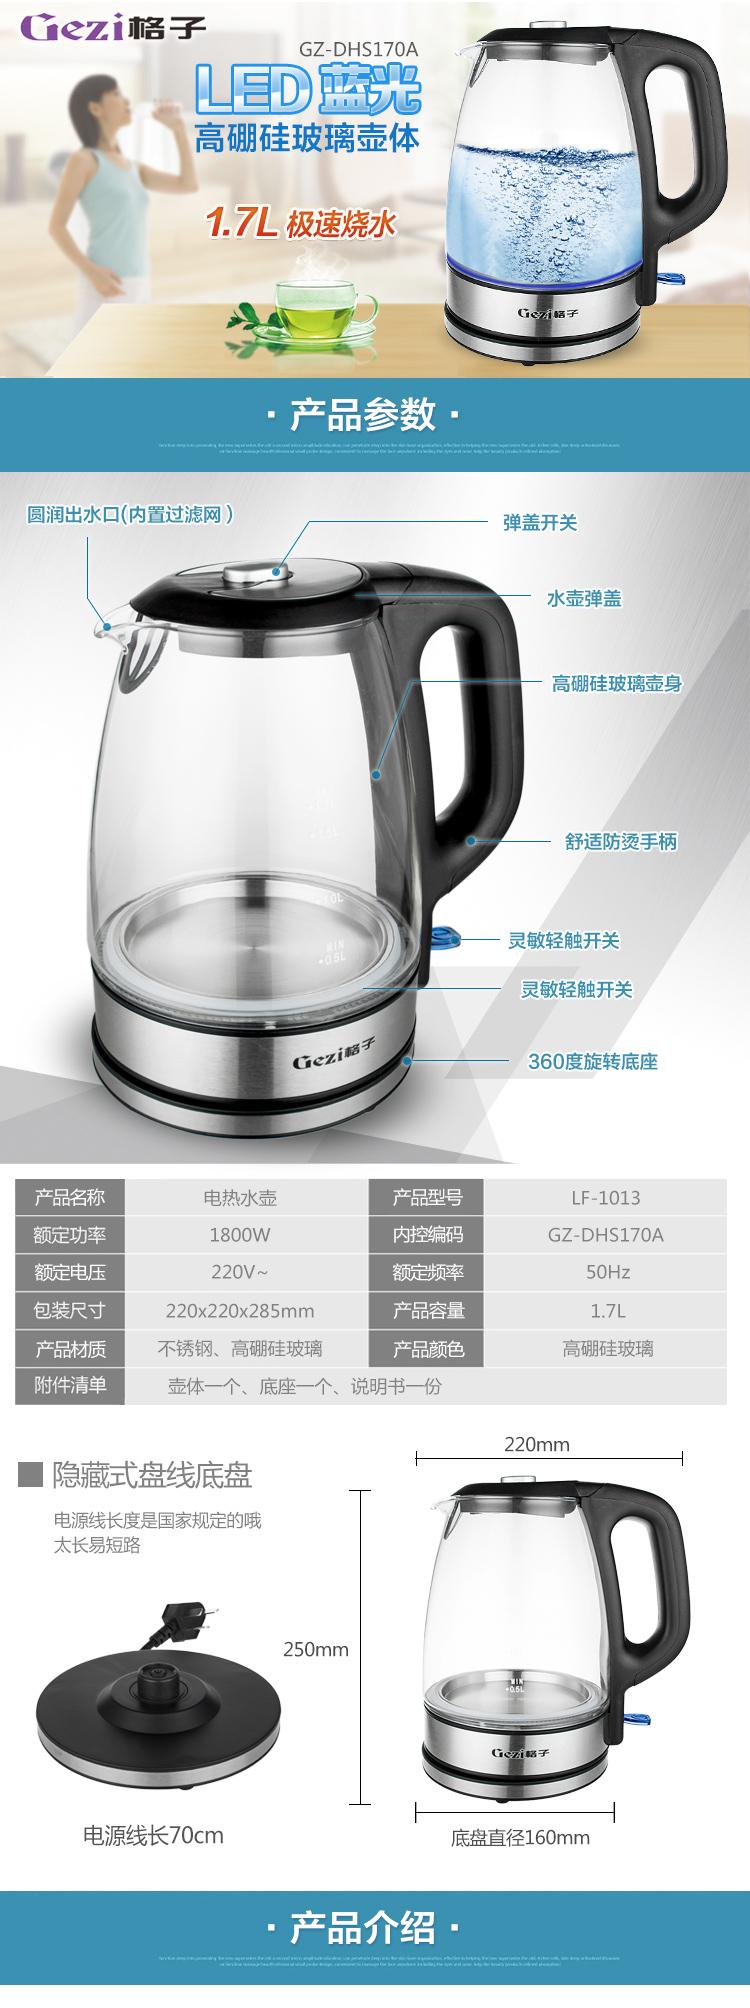 13玻璃电热水壶